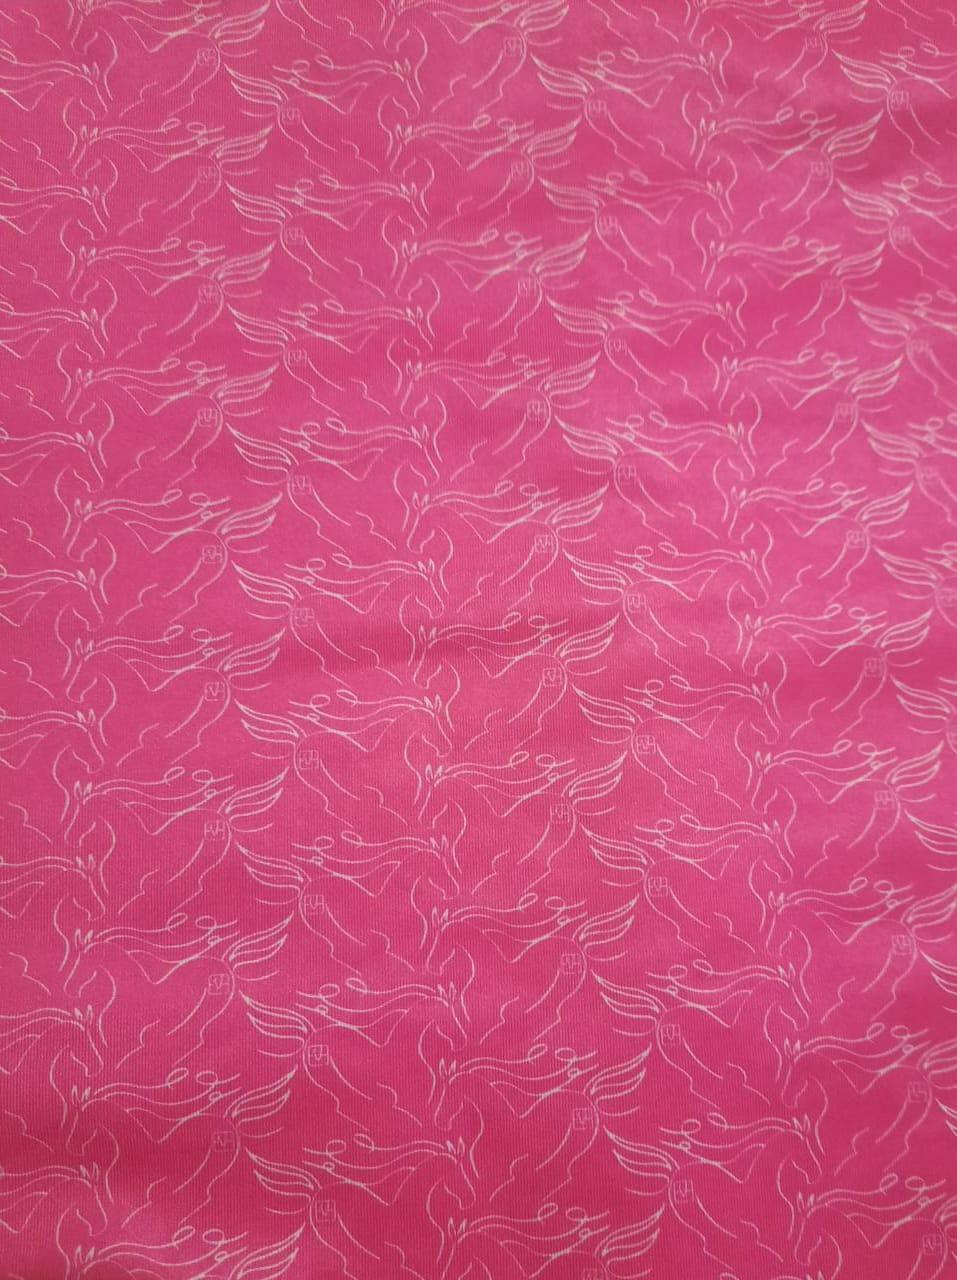 Biquíni Vival Rosa Pink